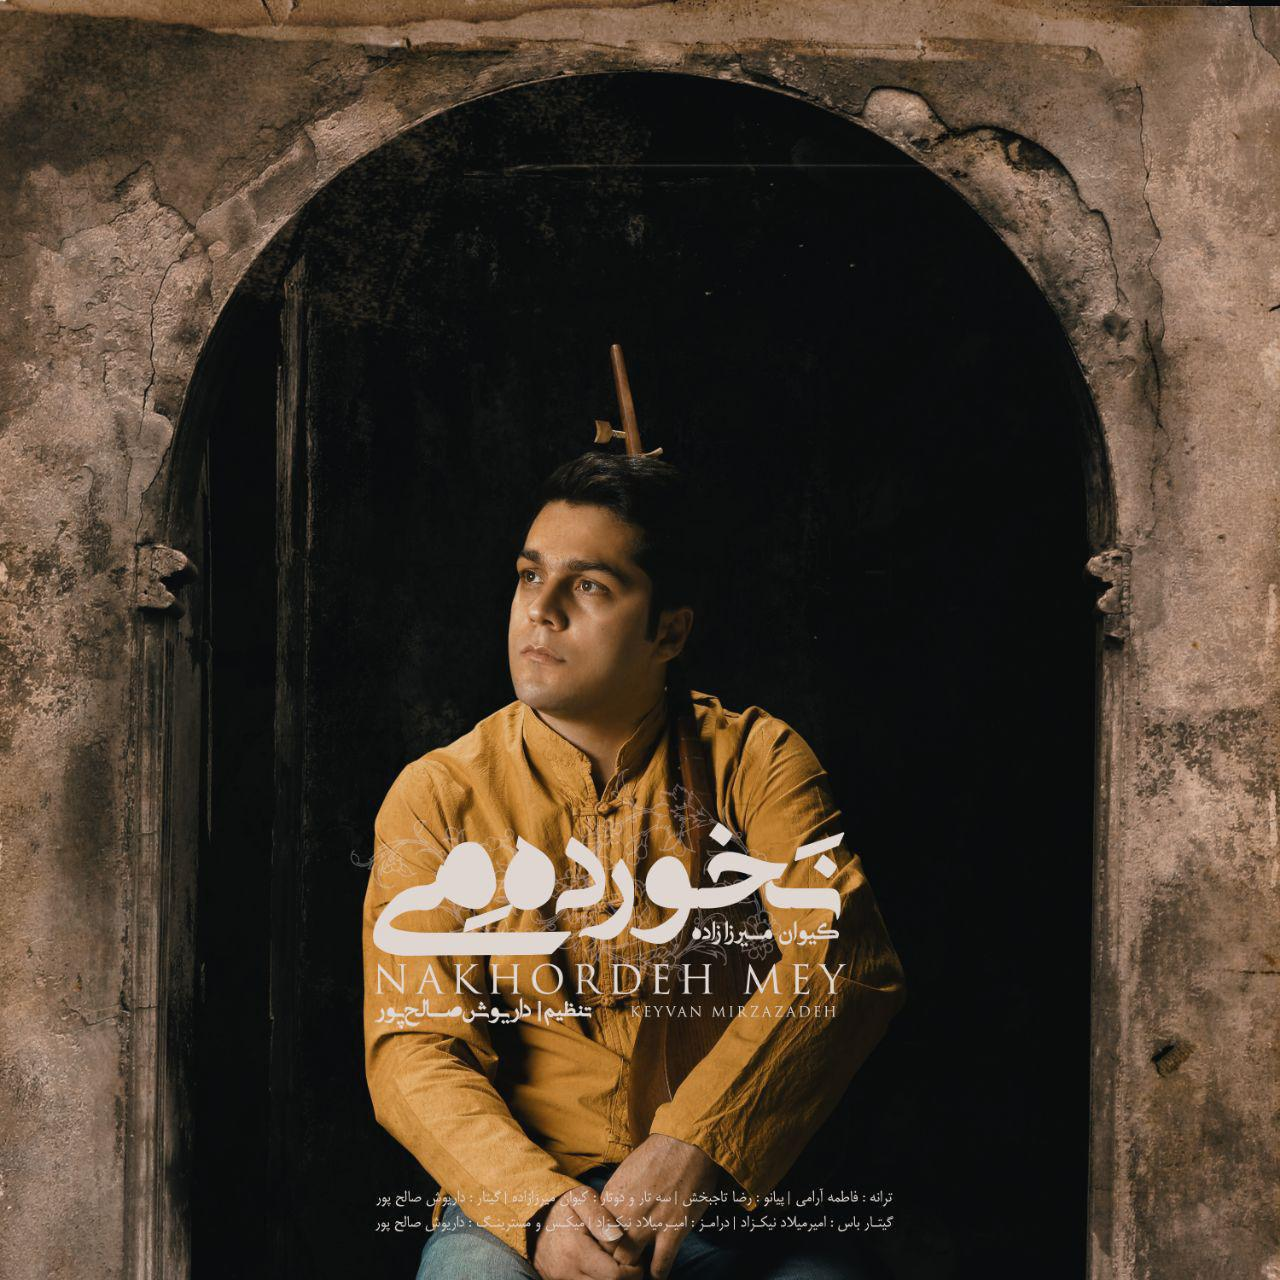 آهنگ بسیارزیبا از  کیوان میرزازاده به نام نخورده مِی در کرمانج موزیک